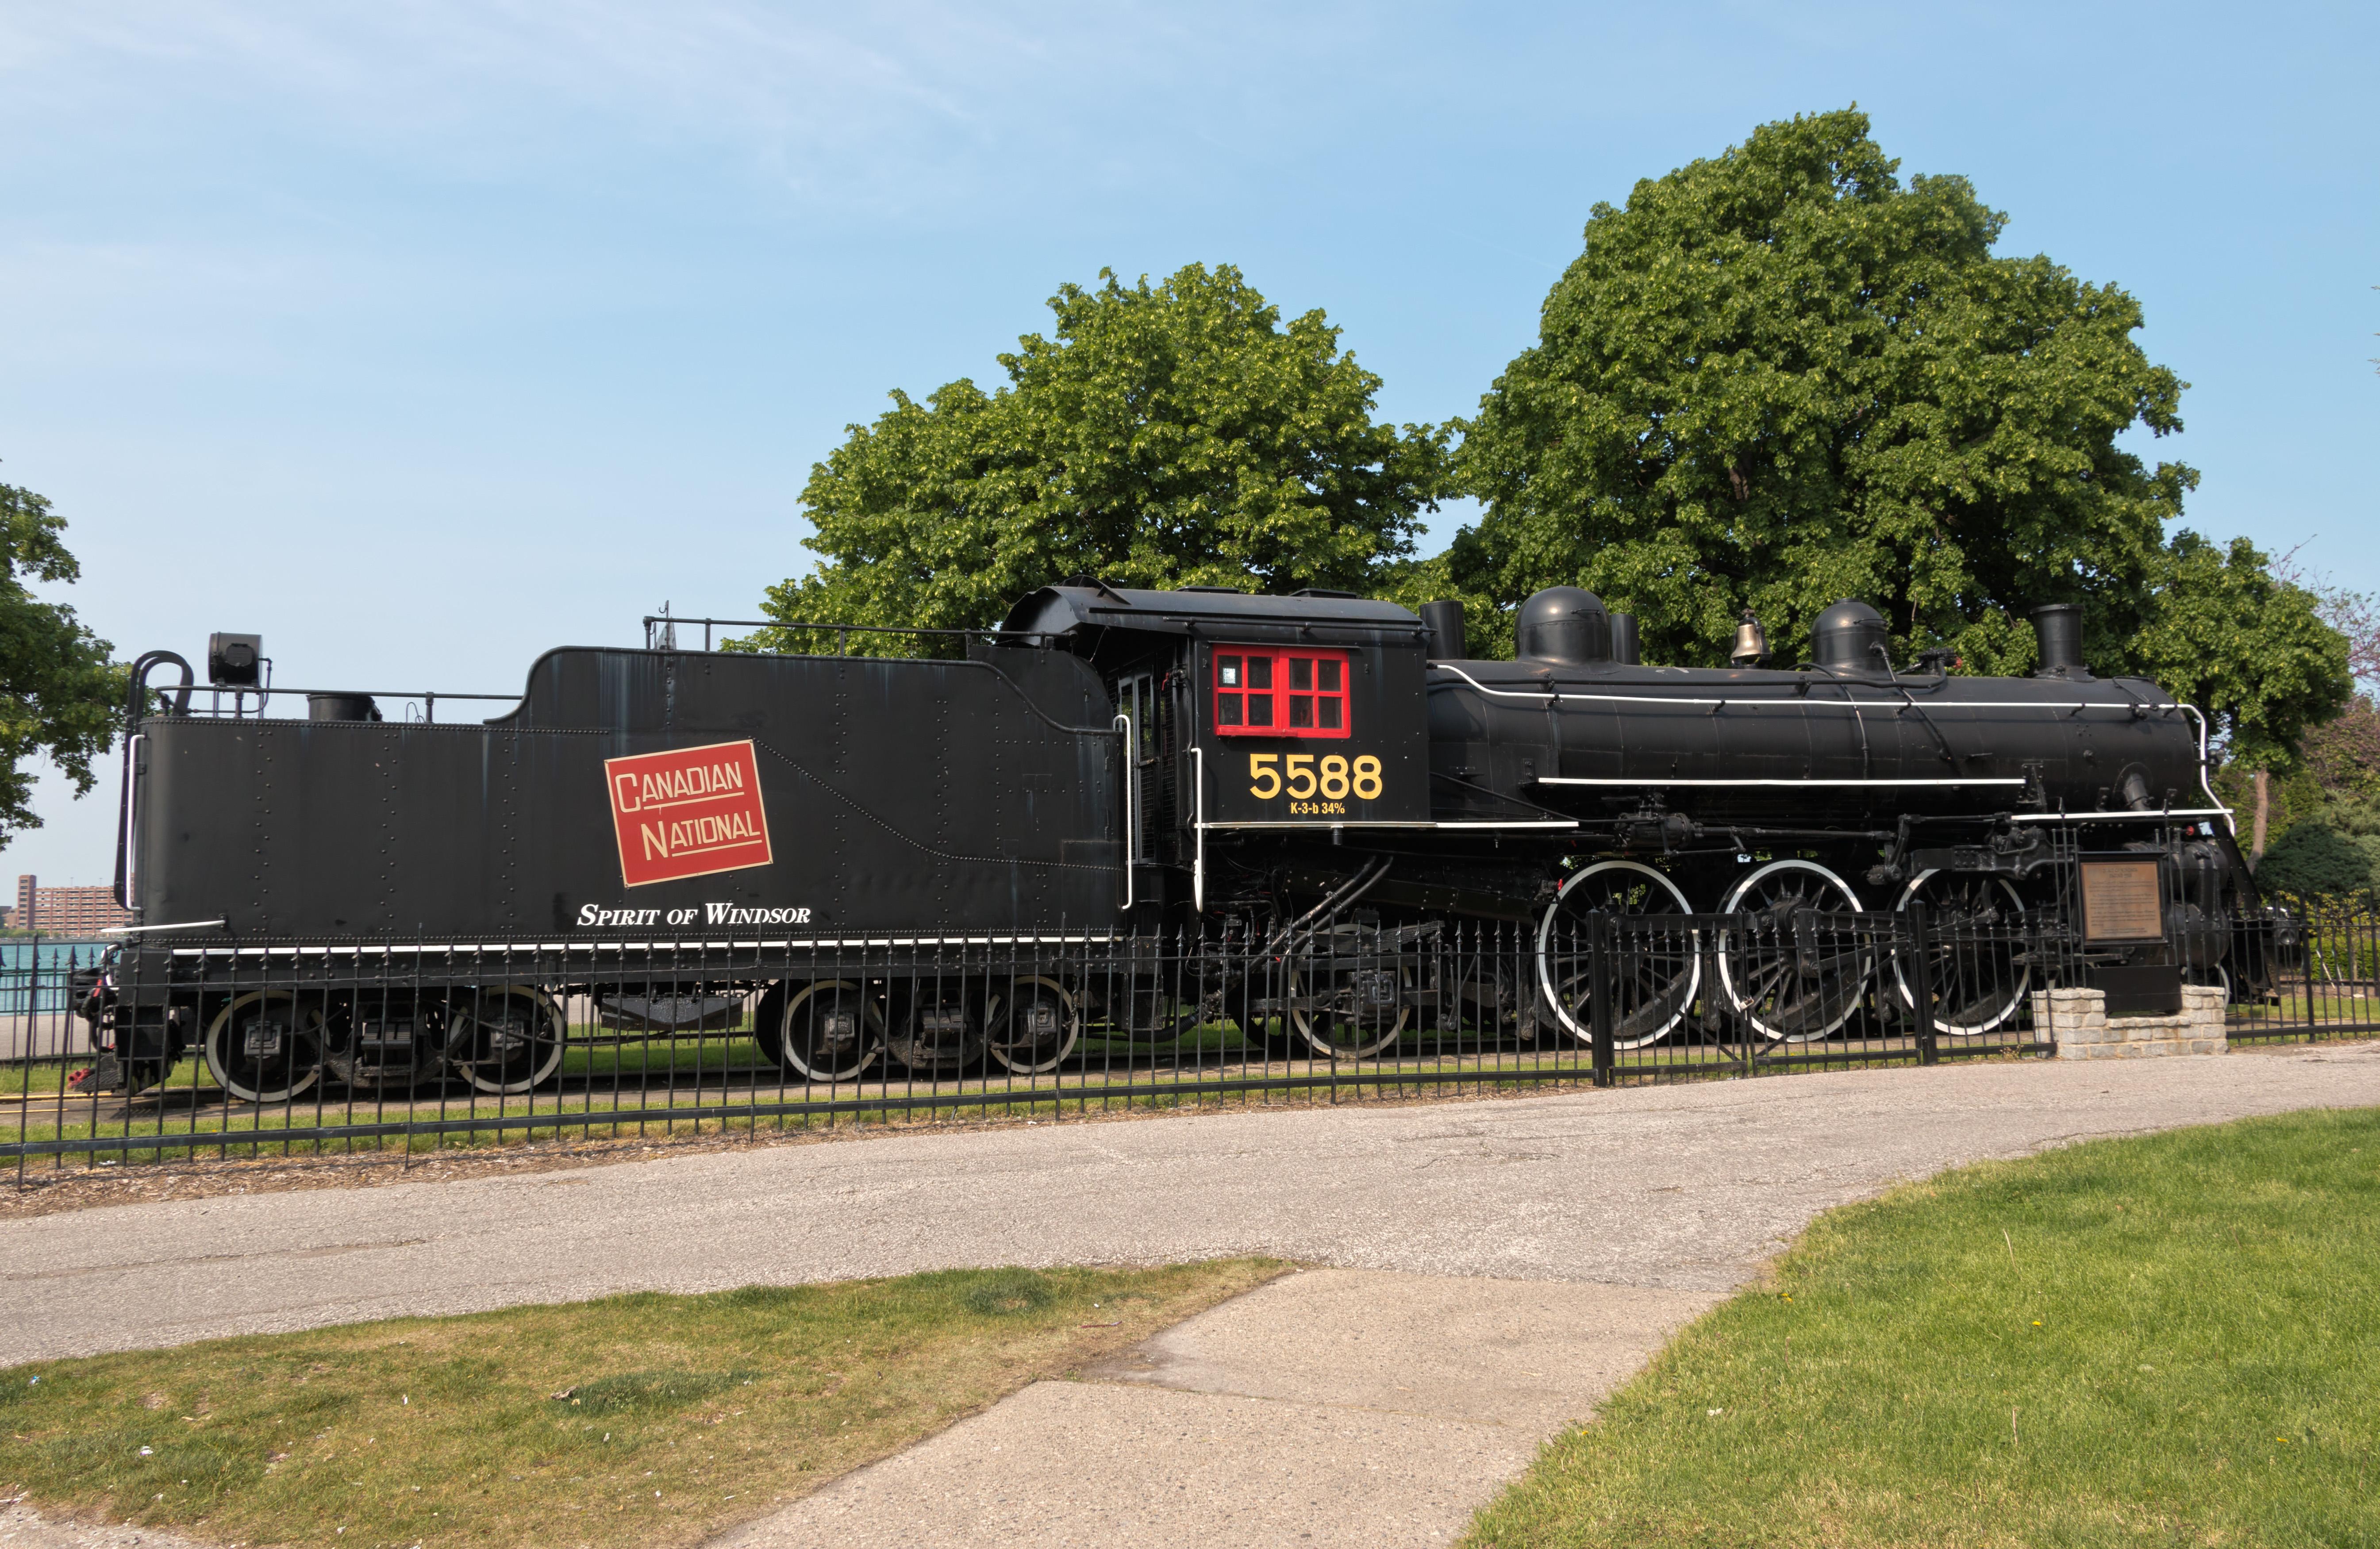 Canadian_National_class_K-3_4-6-2_steam_